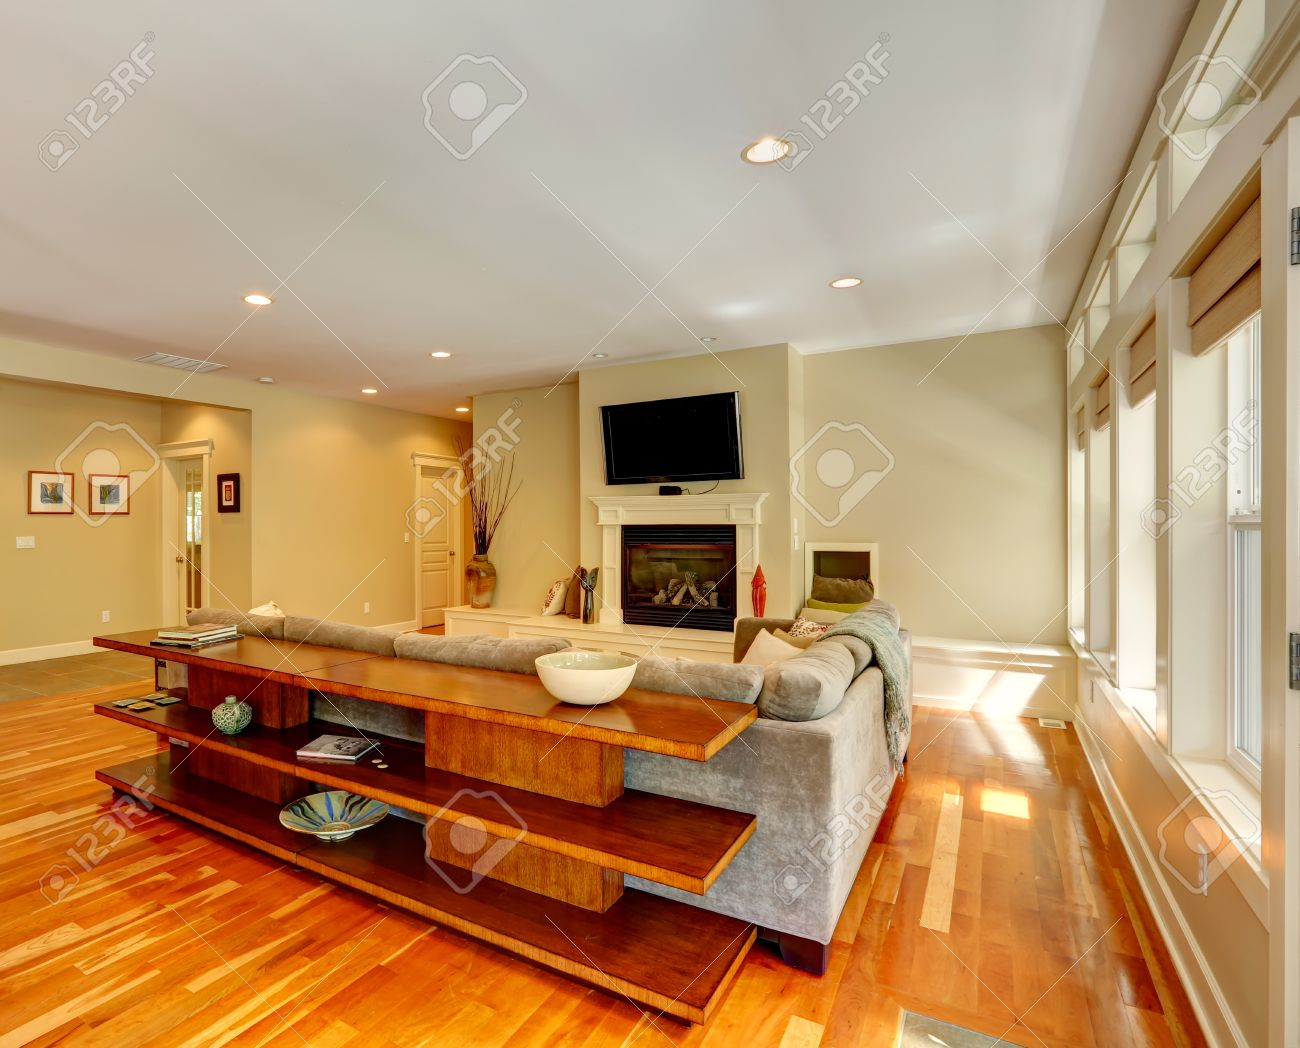 Luxus Wohnzimmer Mit Kamin Und TV Blick Auf Couch Drei Level Tisch Hinter